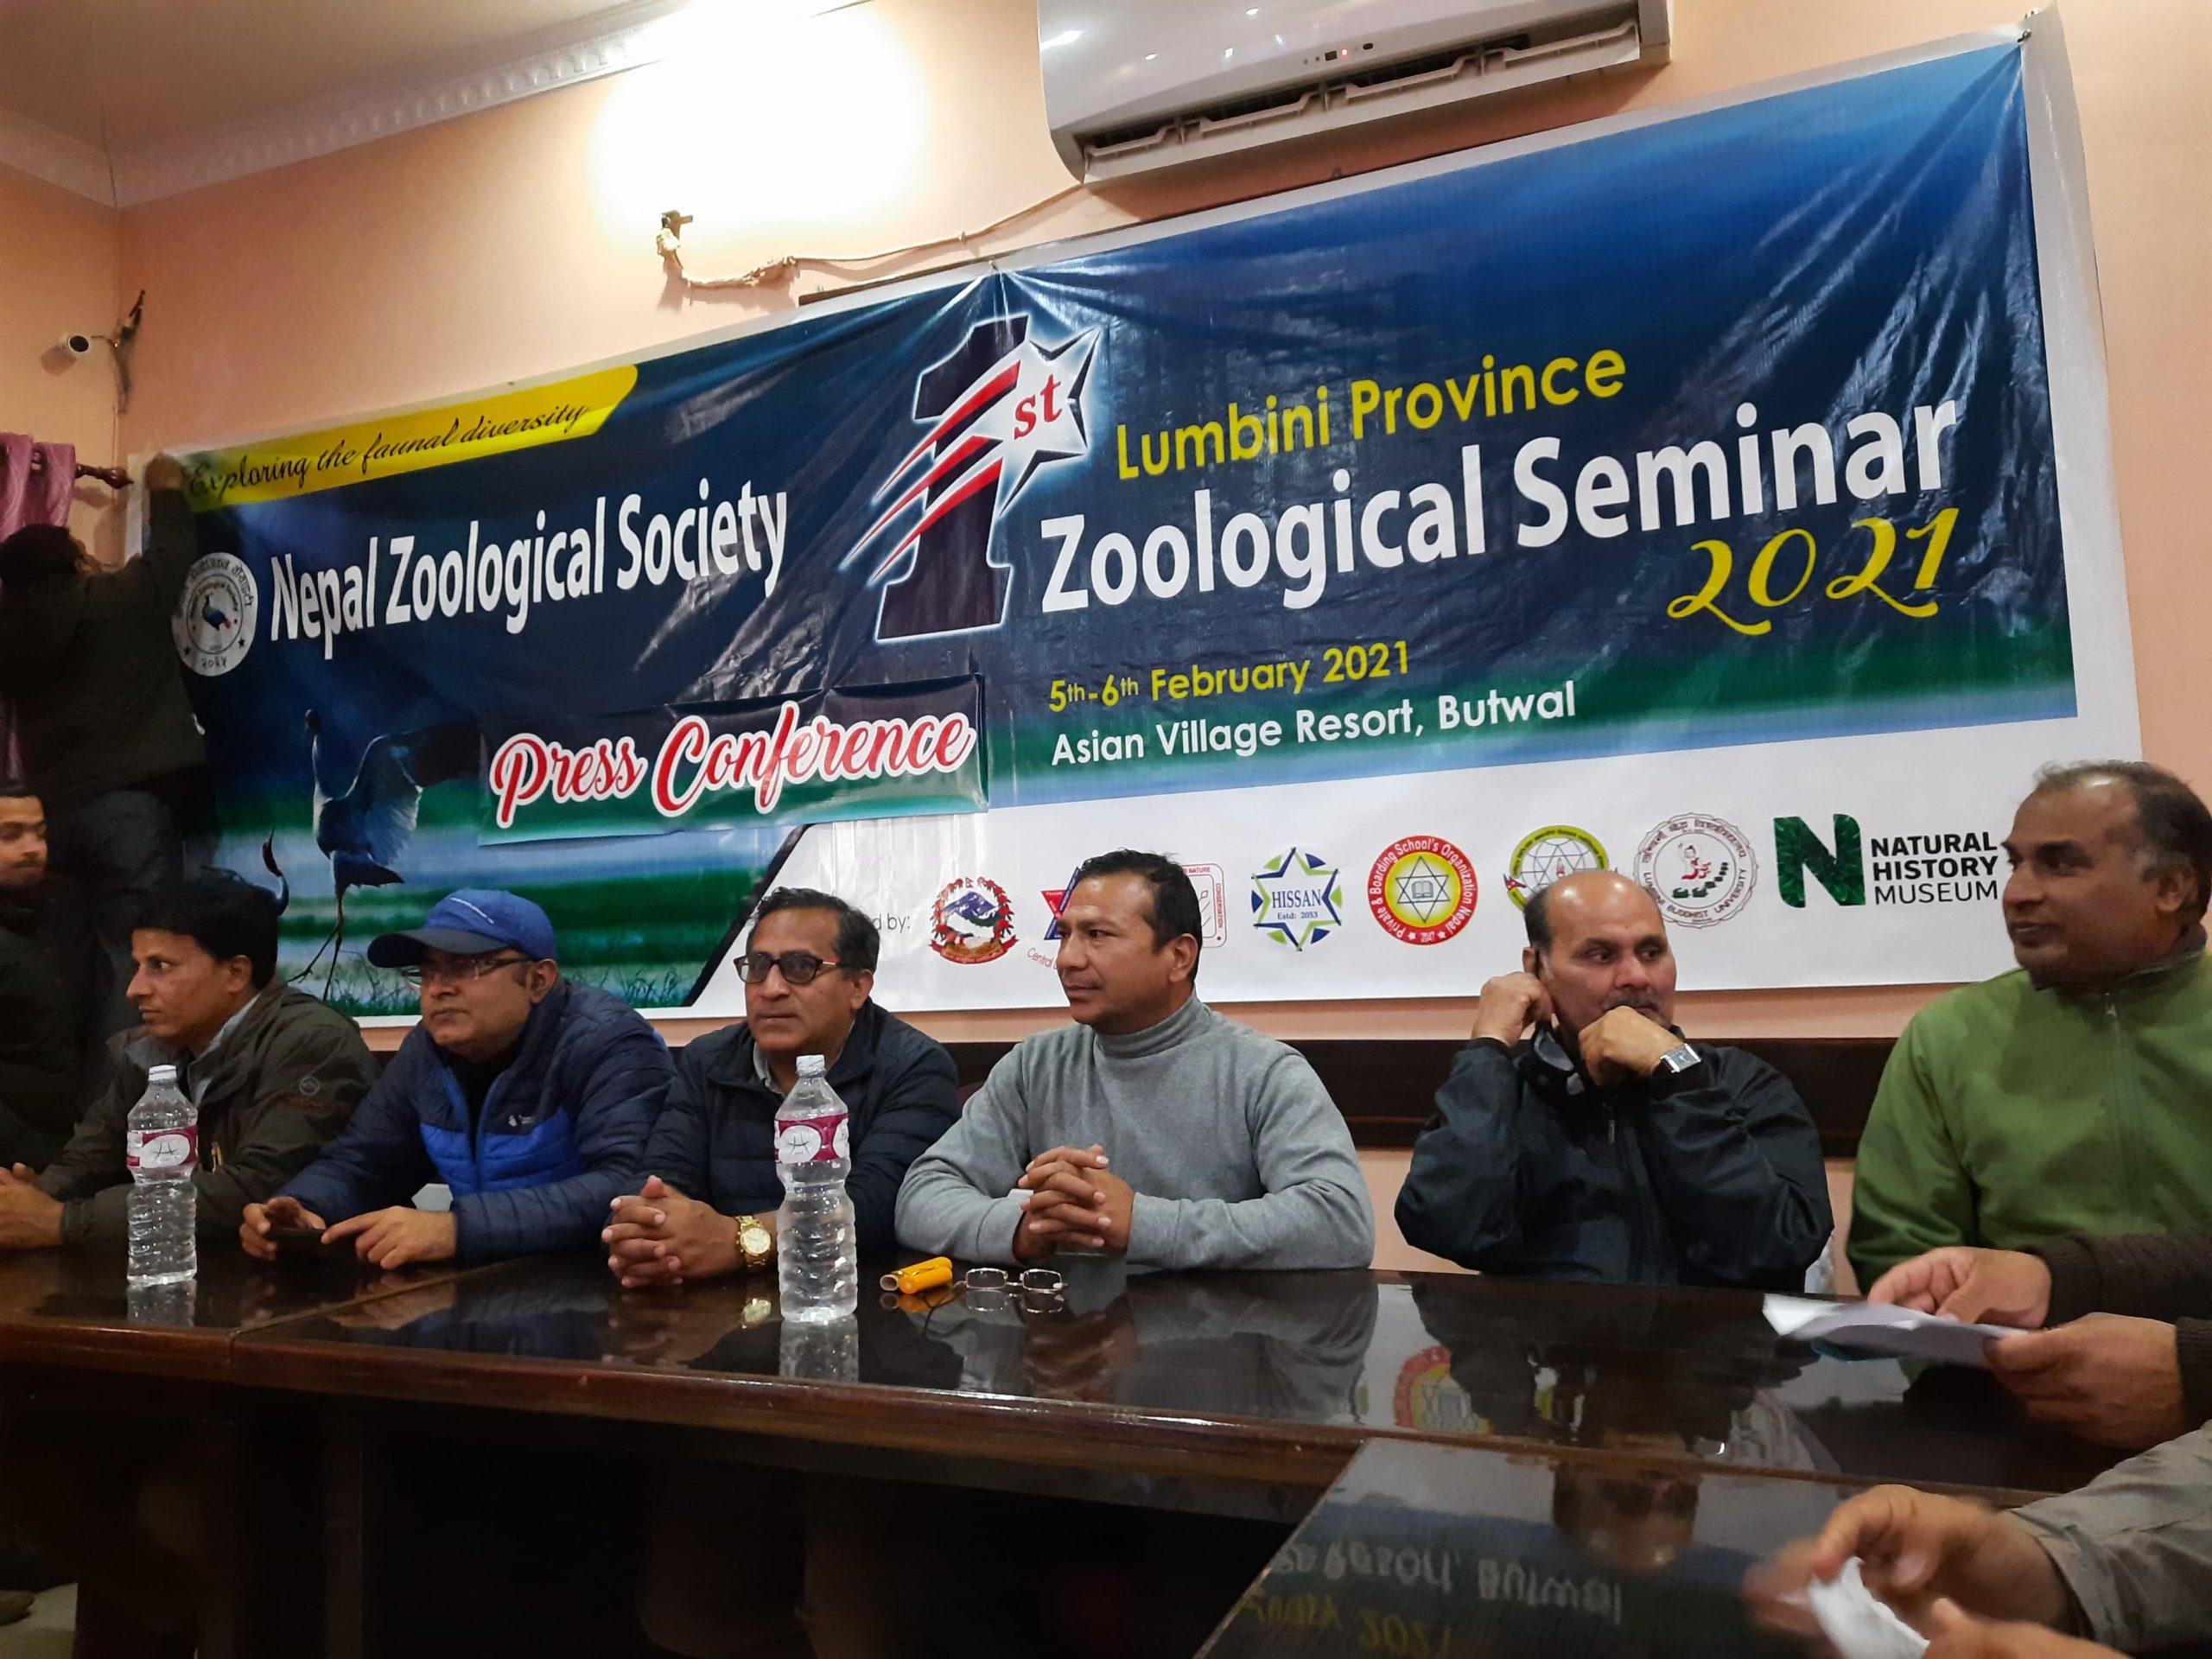 लुम्बिनी प्रदेशस्तरीय जोलोजिकल सेमिनार बुटवलमा शुरु